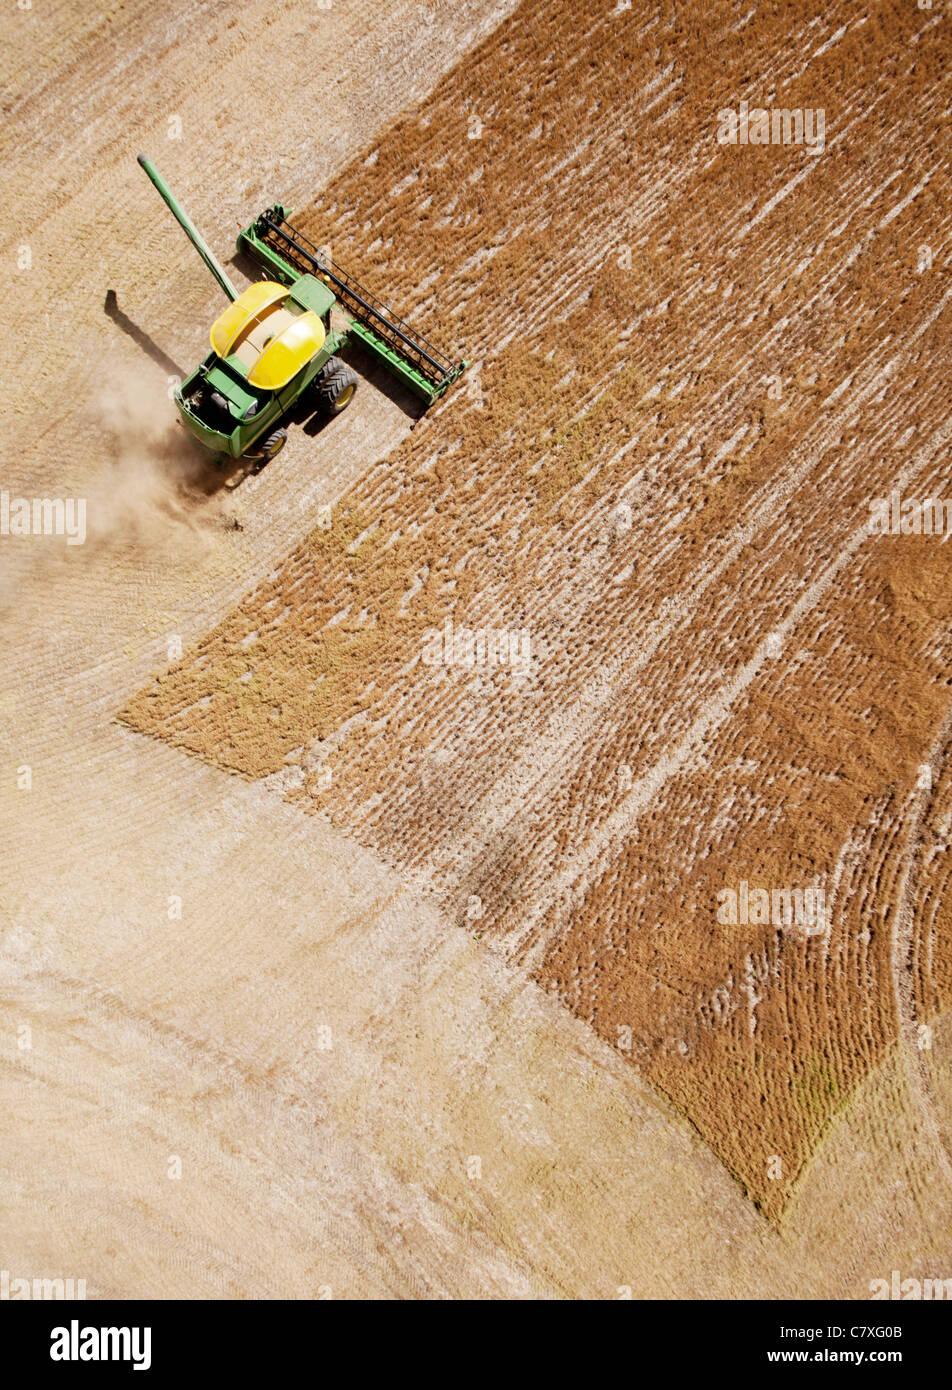 Cosechadora de forraje verde combinando un campo de lentejas en la pradera Imagen De Stock